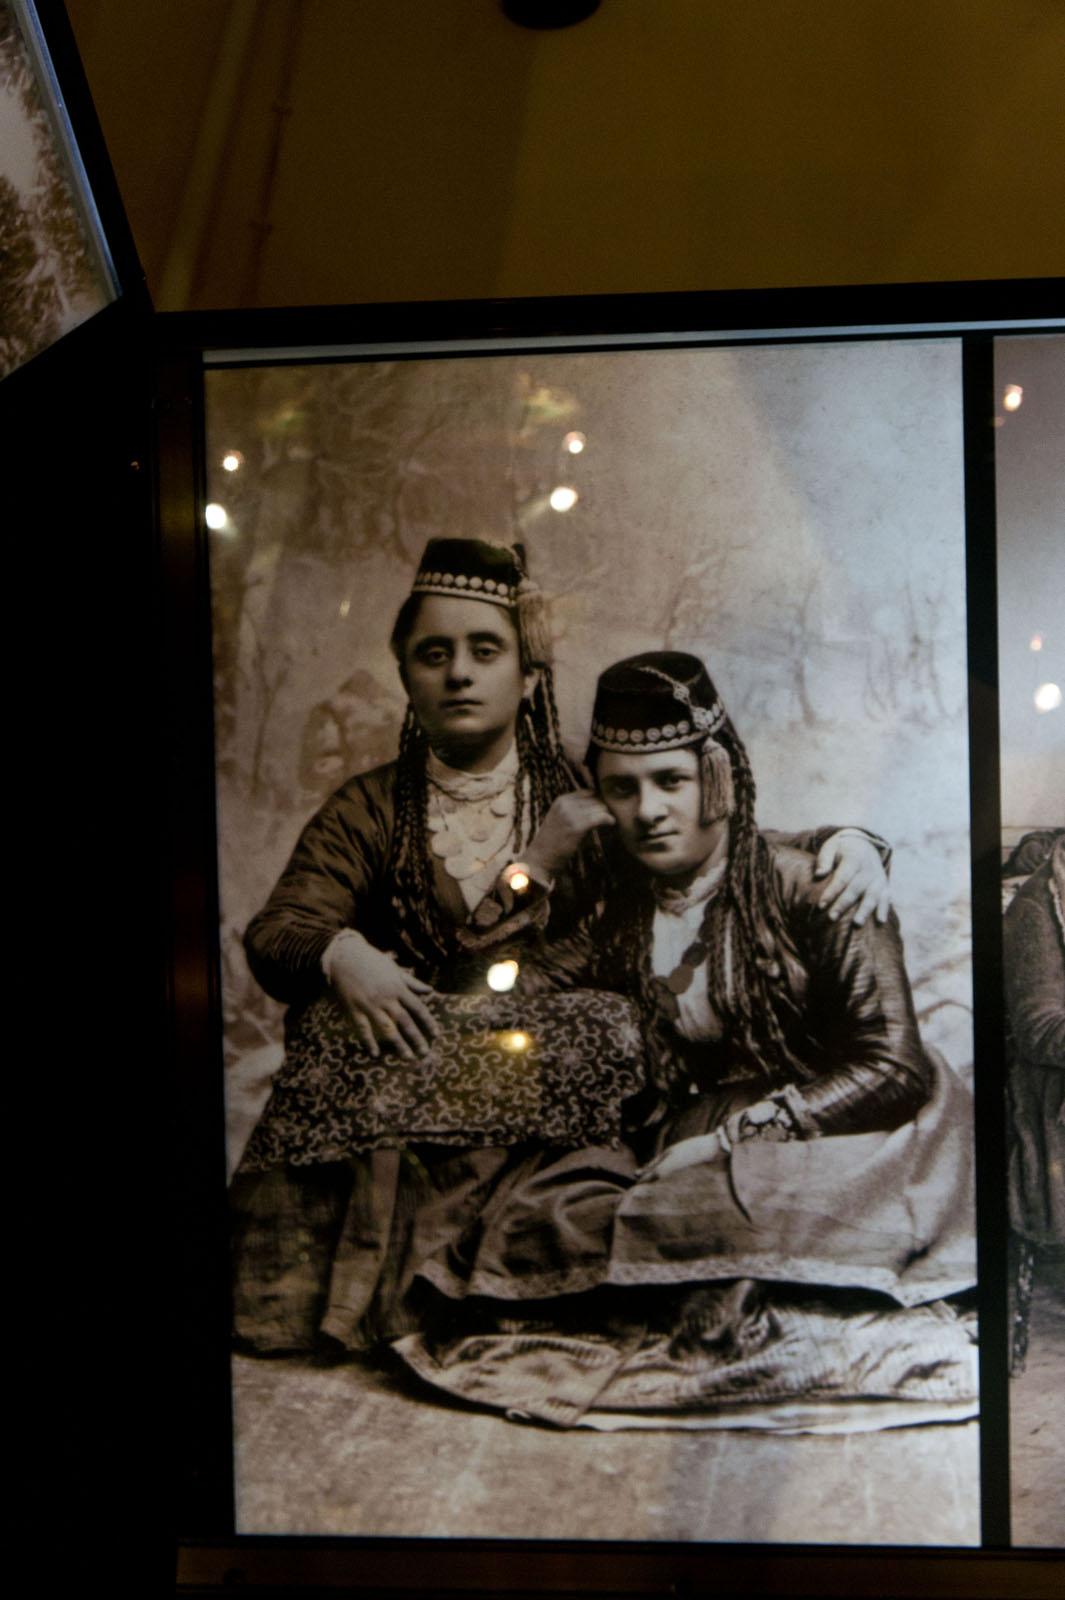 Фото №70849. Старинное фото из серии ''Народы Крыма''_1